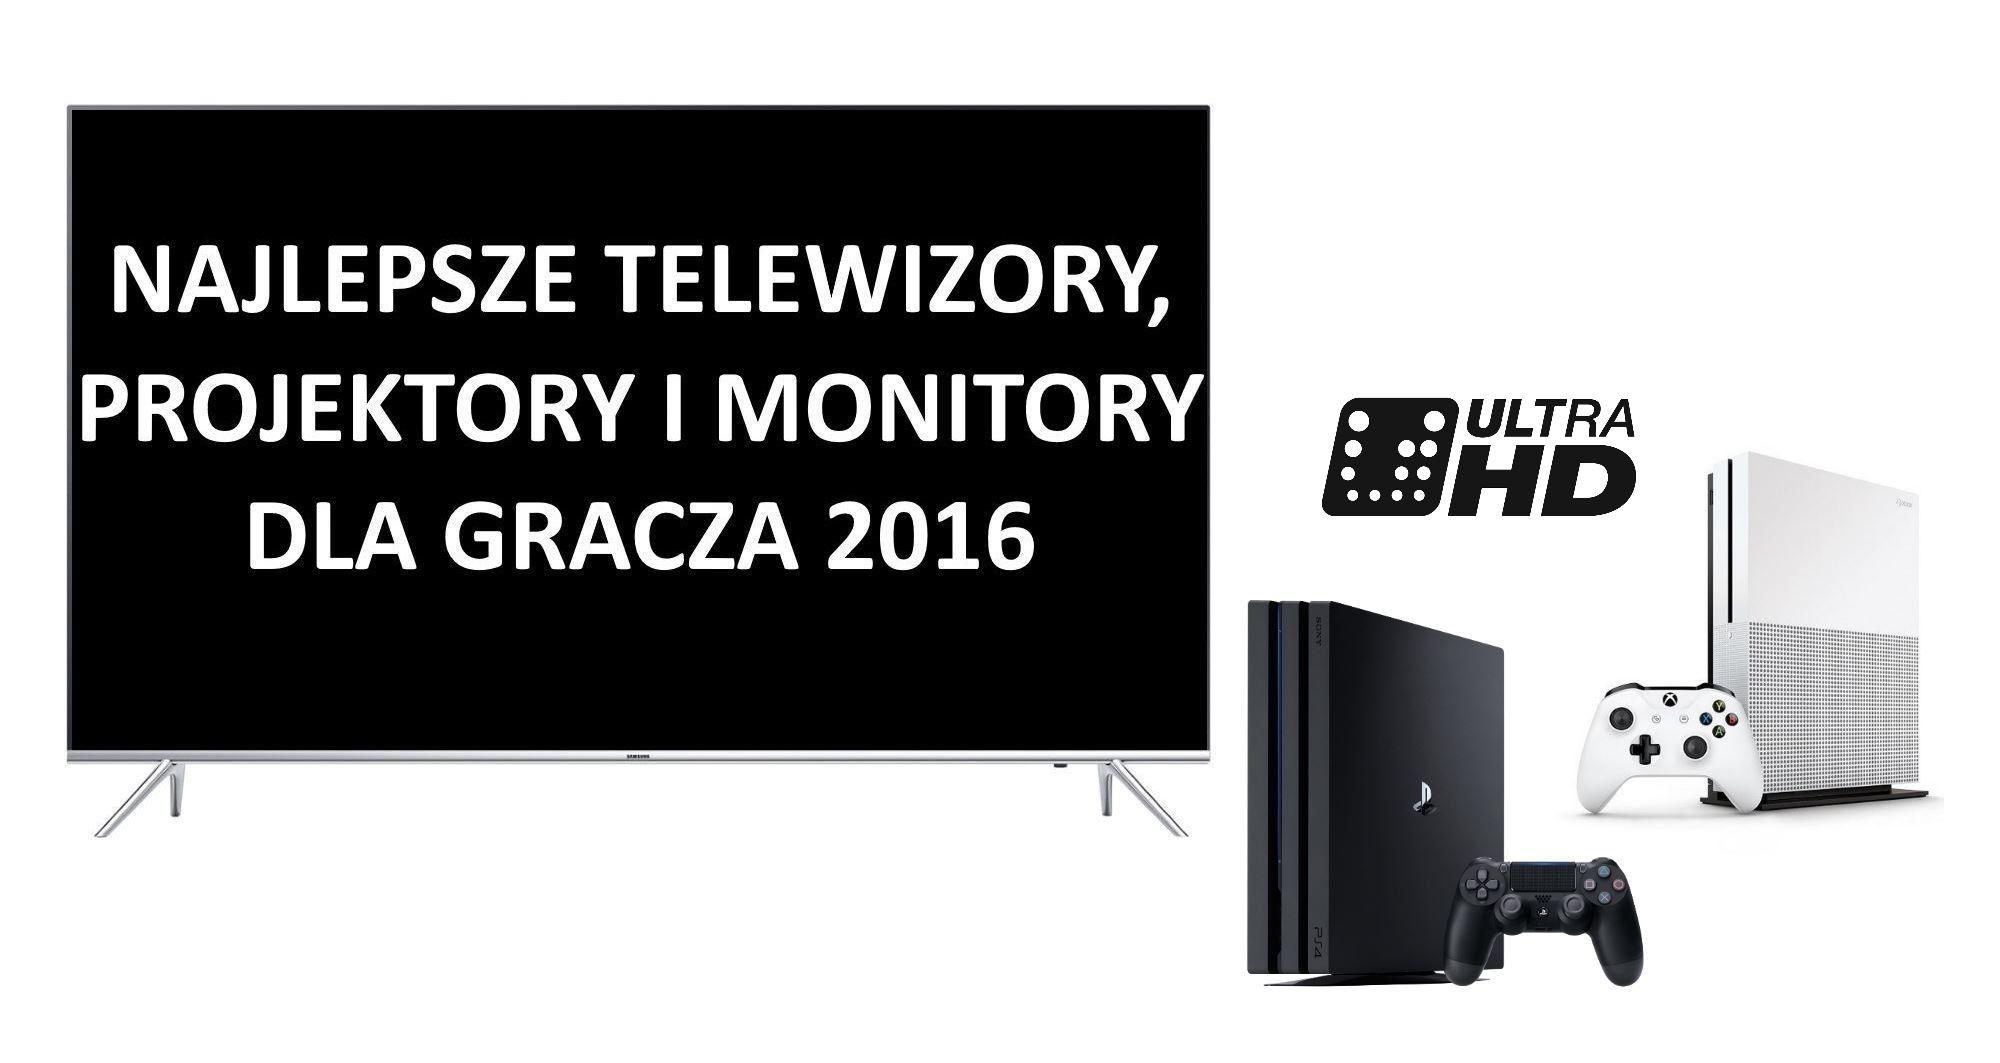 Jaki telewizor dla gracza? Przegląd wyświetlaczy 2016 do konsoli Ultra HD (4K, HDR, szeroka paleta barw)?